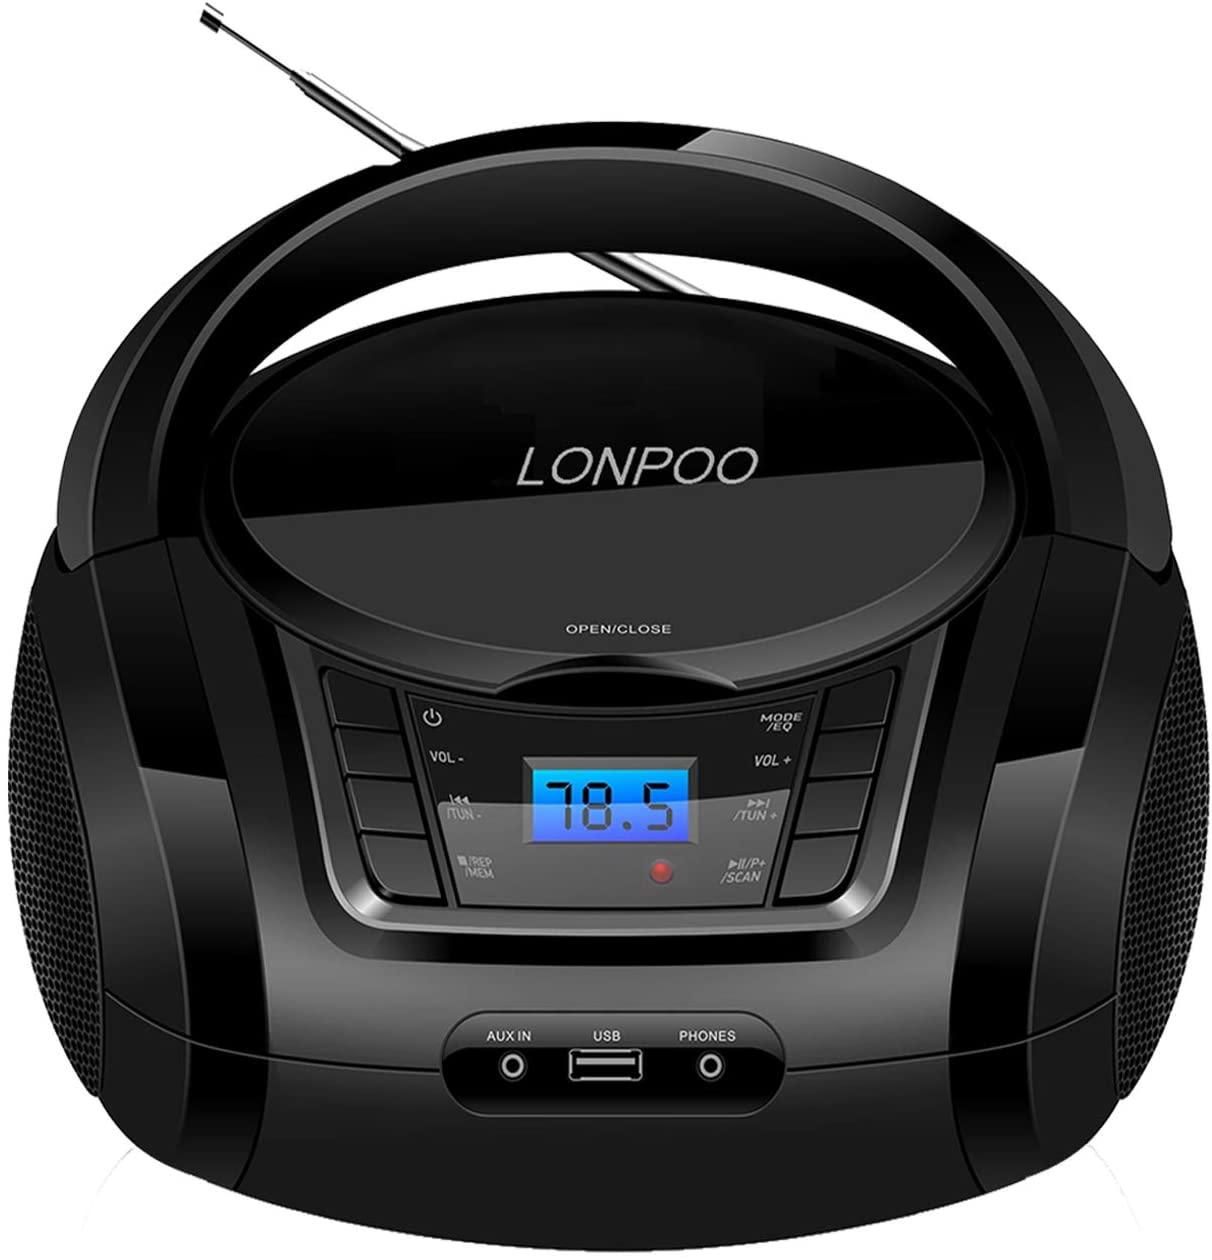 Lectores de CD portátiles,Radio CD / MP3 Portátil Reproductor CD con Bluetooth/FM/USB/AUX-IN/Salida de Auriculares/Estéreo Altavoz (Negro)